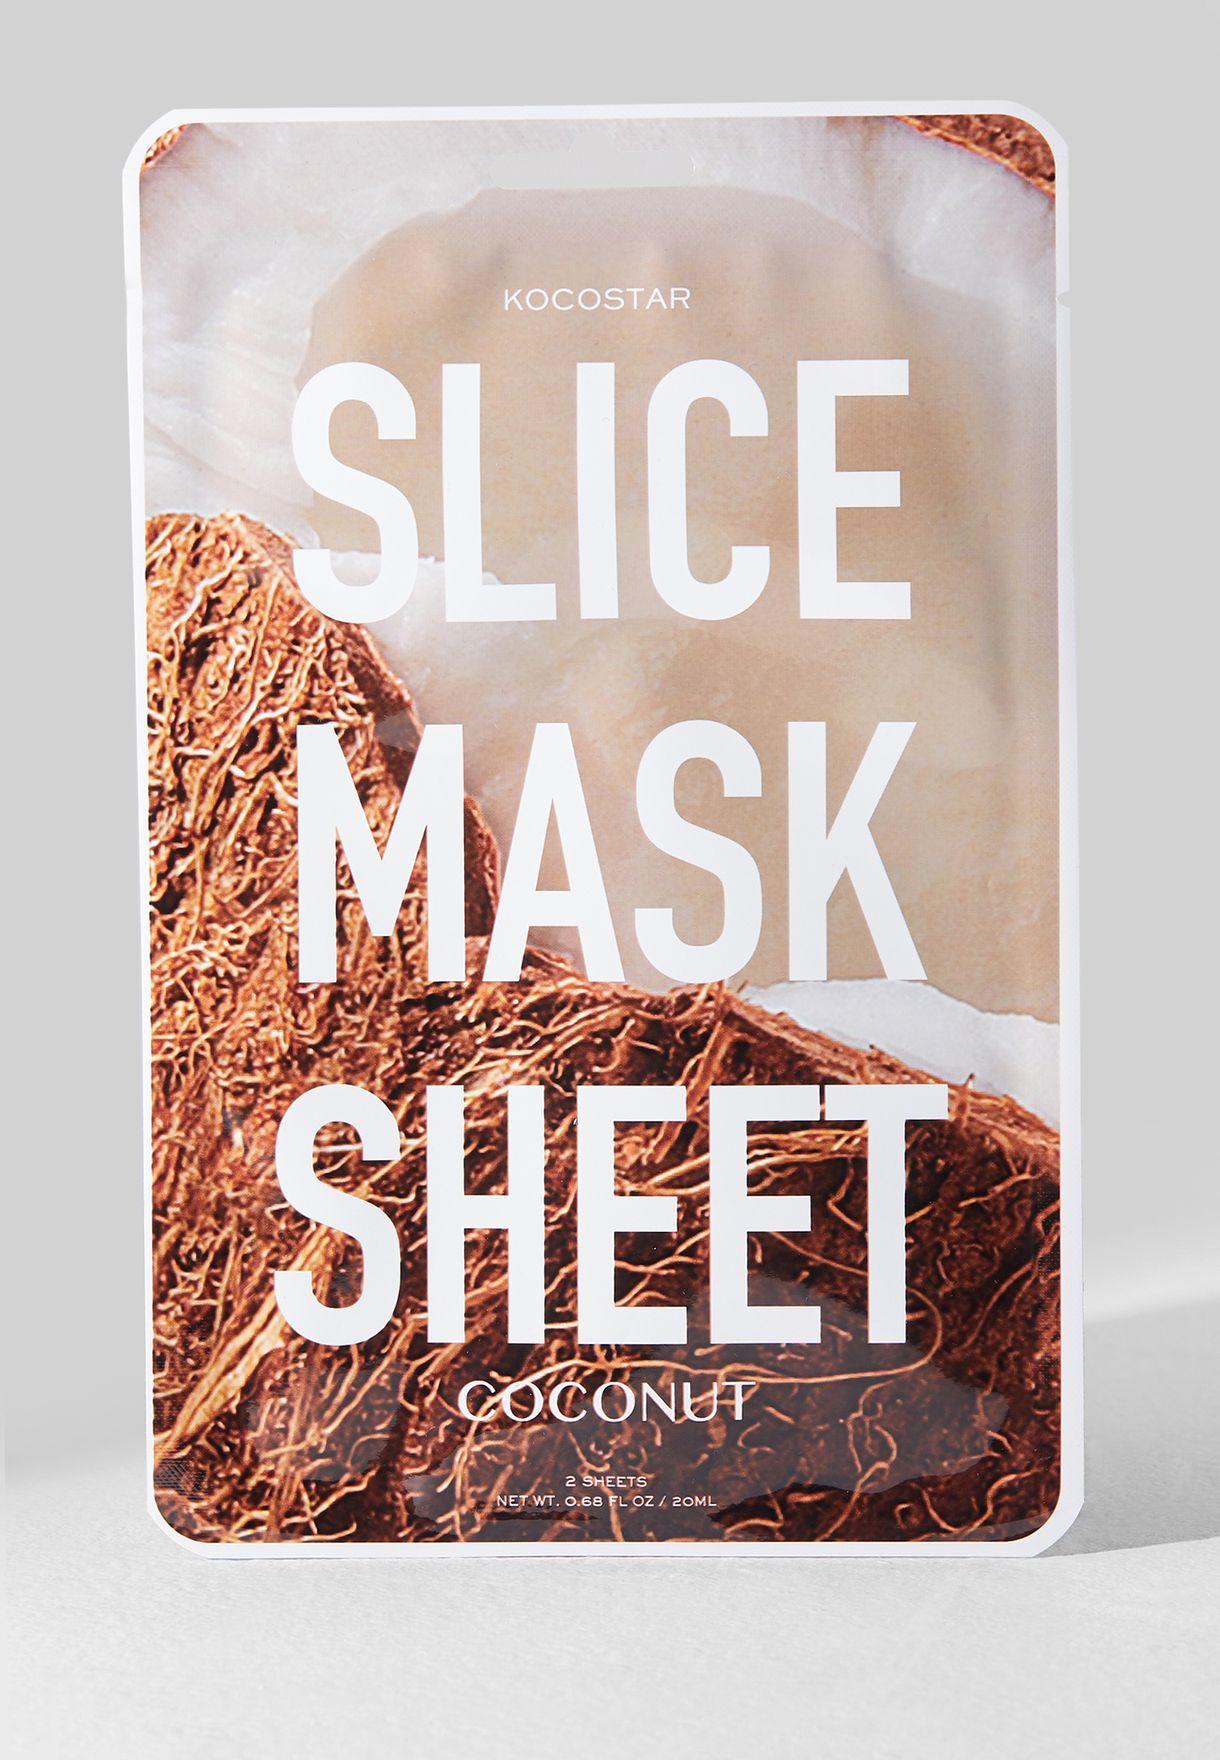 Coconut Slice Mask